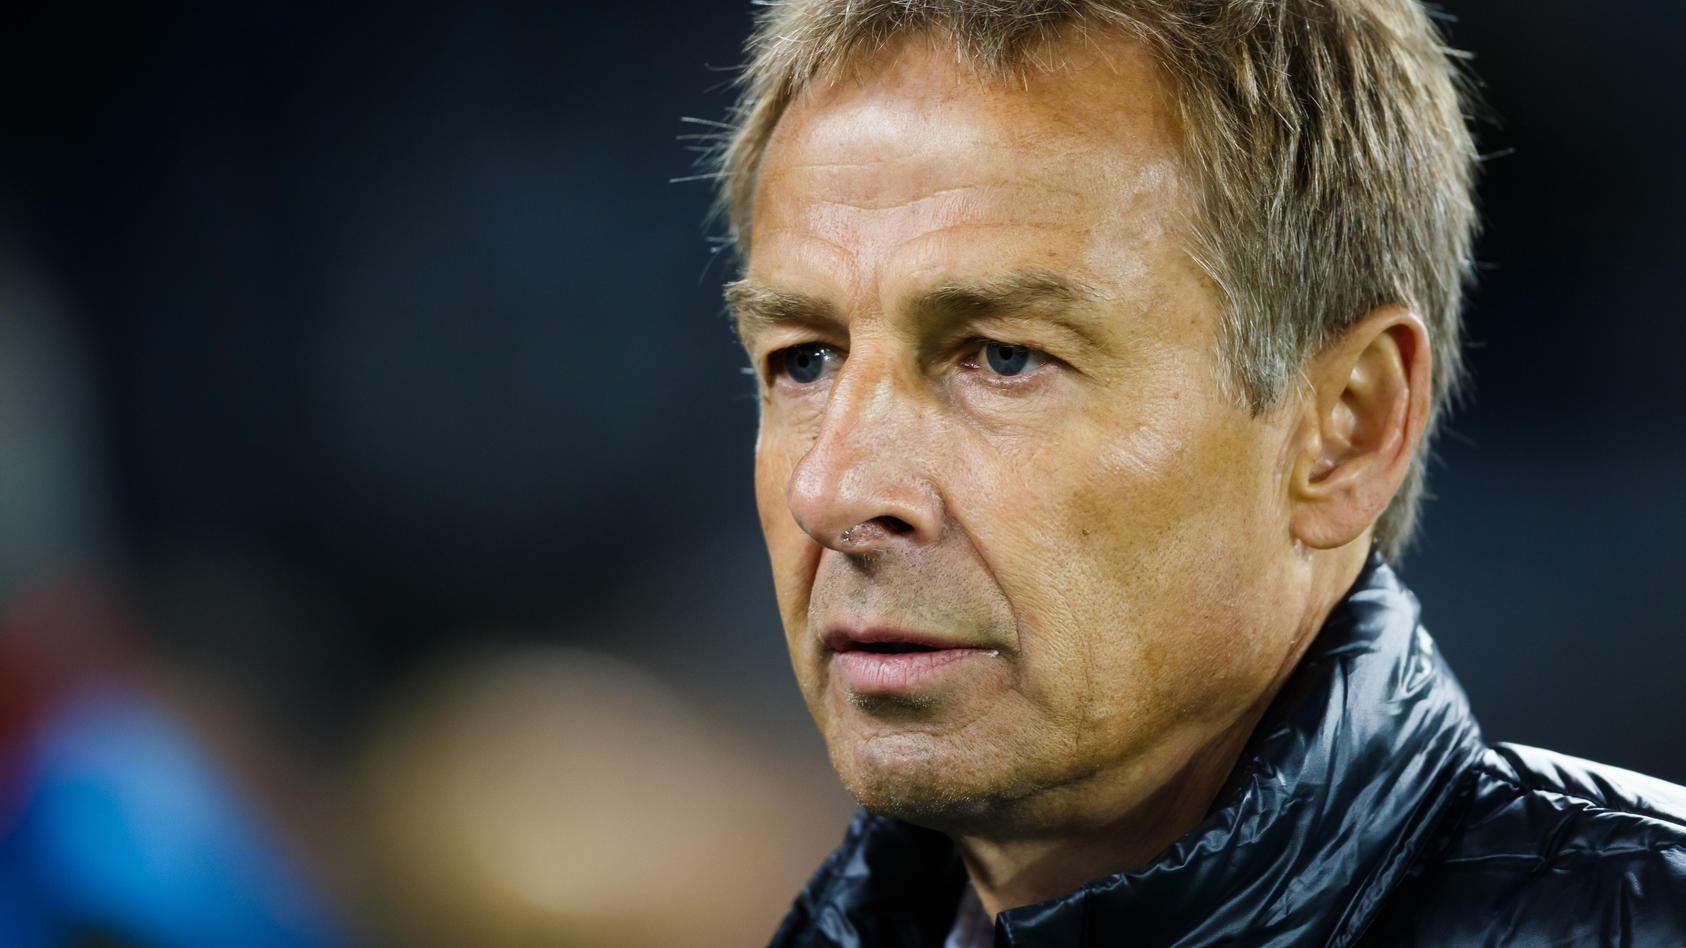 Juergen Klinsmann (RTL Fussball Experte), Deutschland vs Argentinien, Fussball, Freundschaftsspiel, 09.10.2019 DFB regu